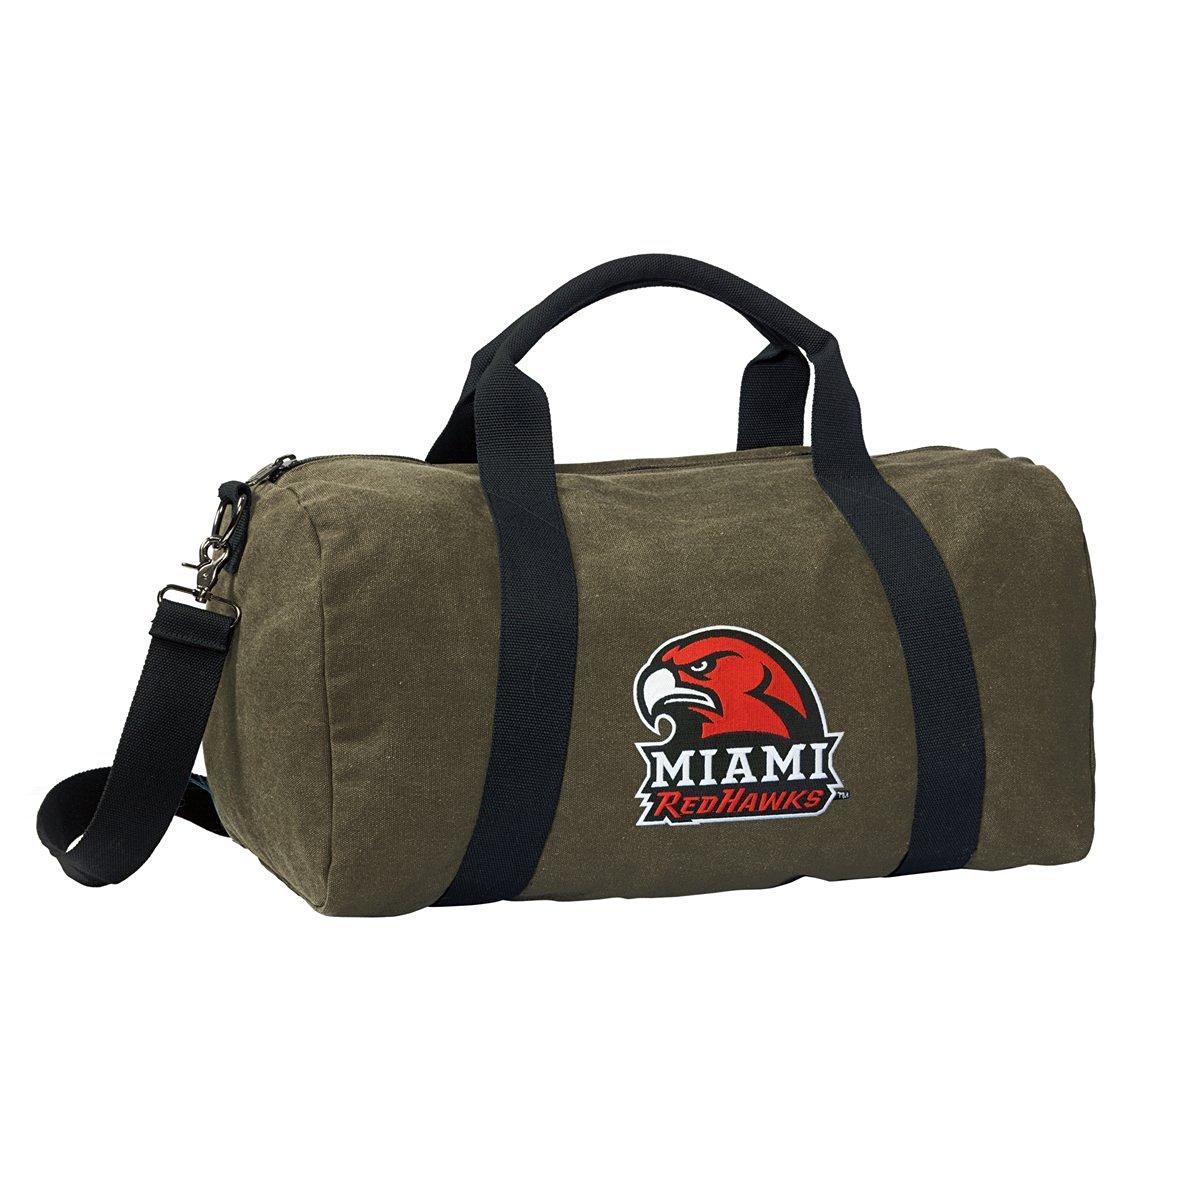 Miami University Duffle Bag or CANVAS Miami RedHawks Gym Bags